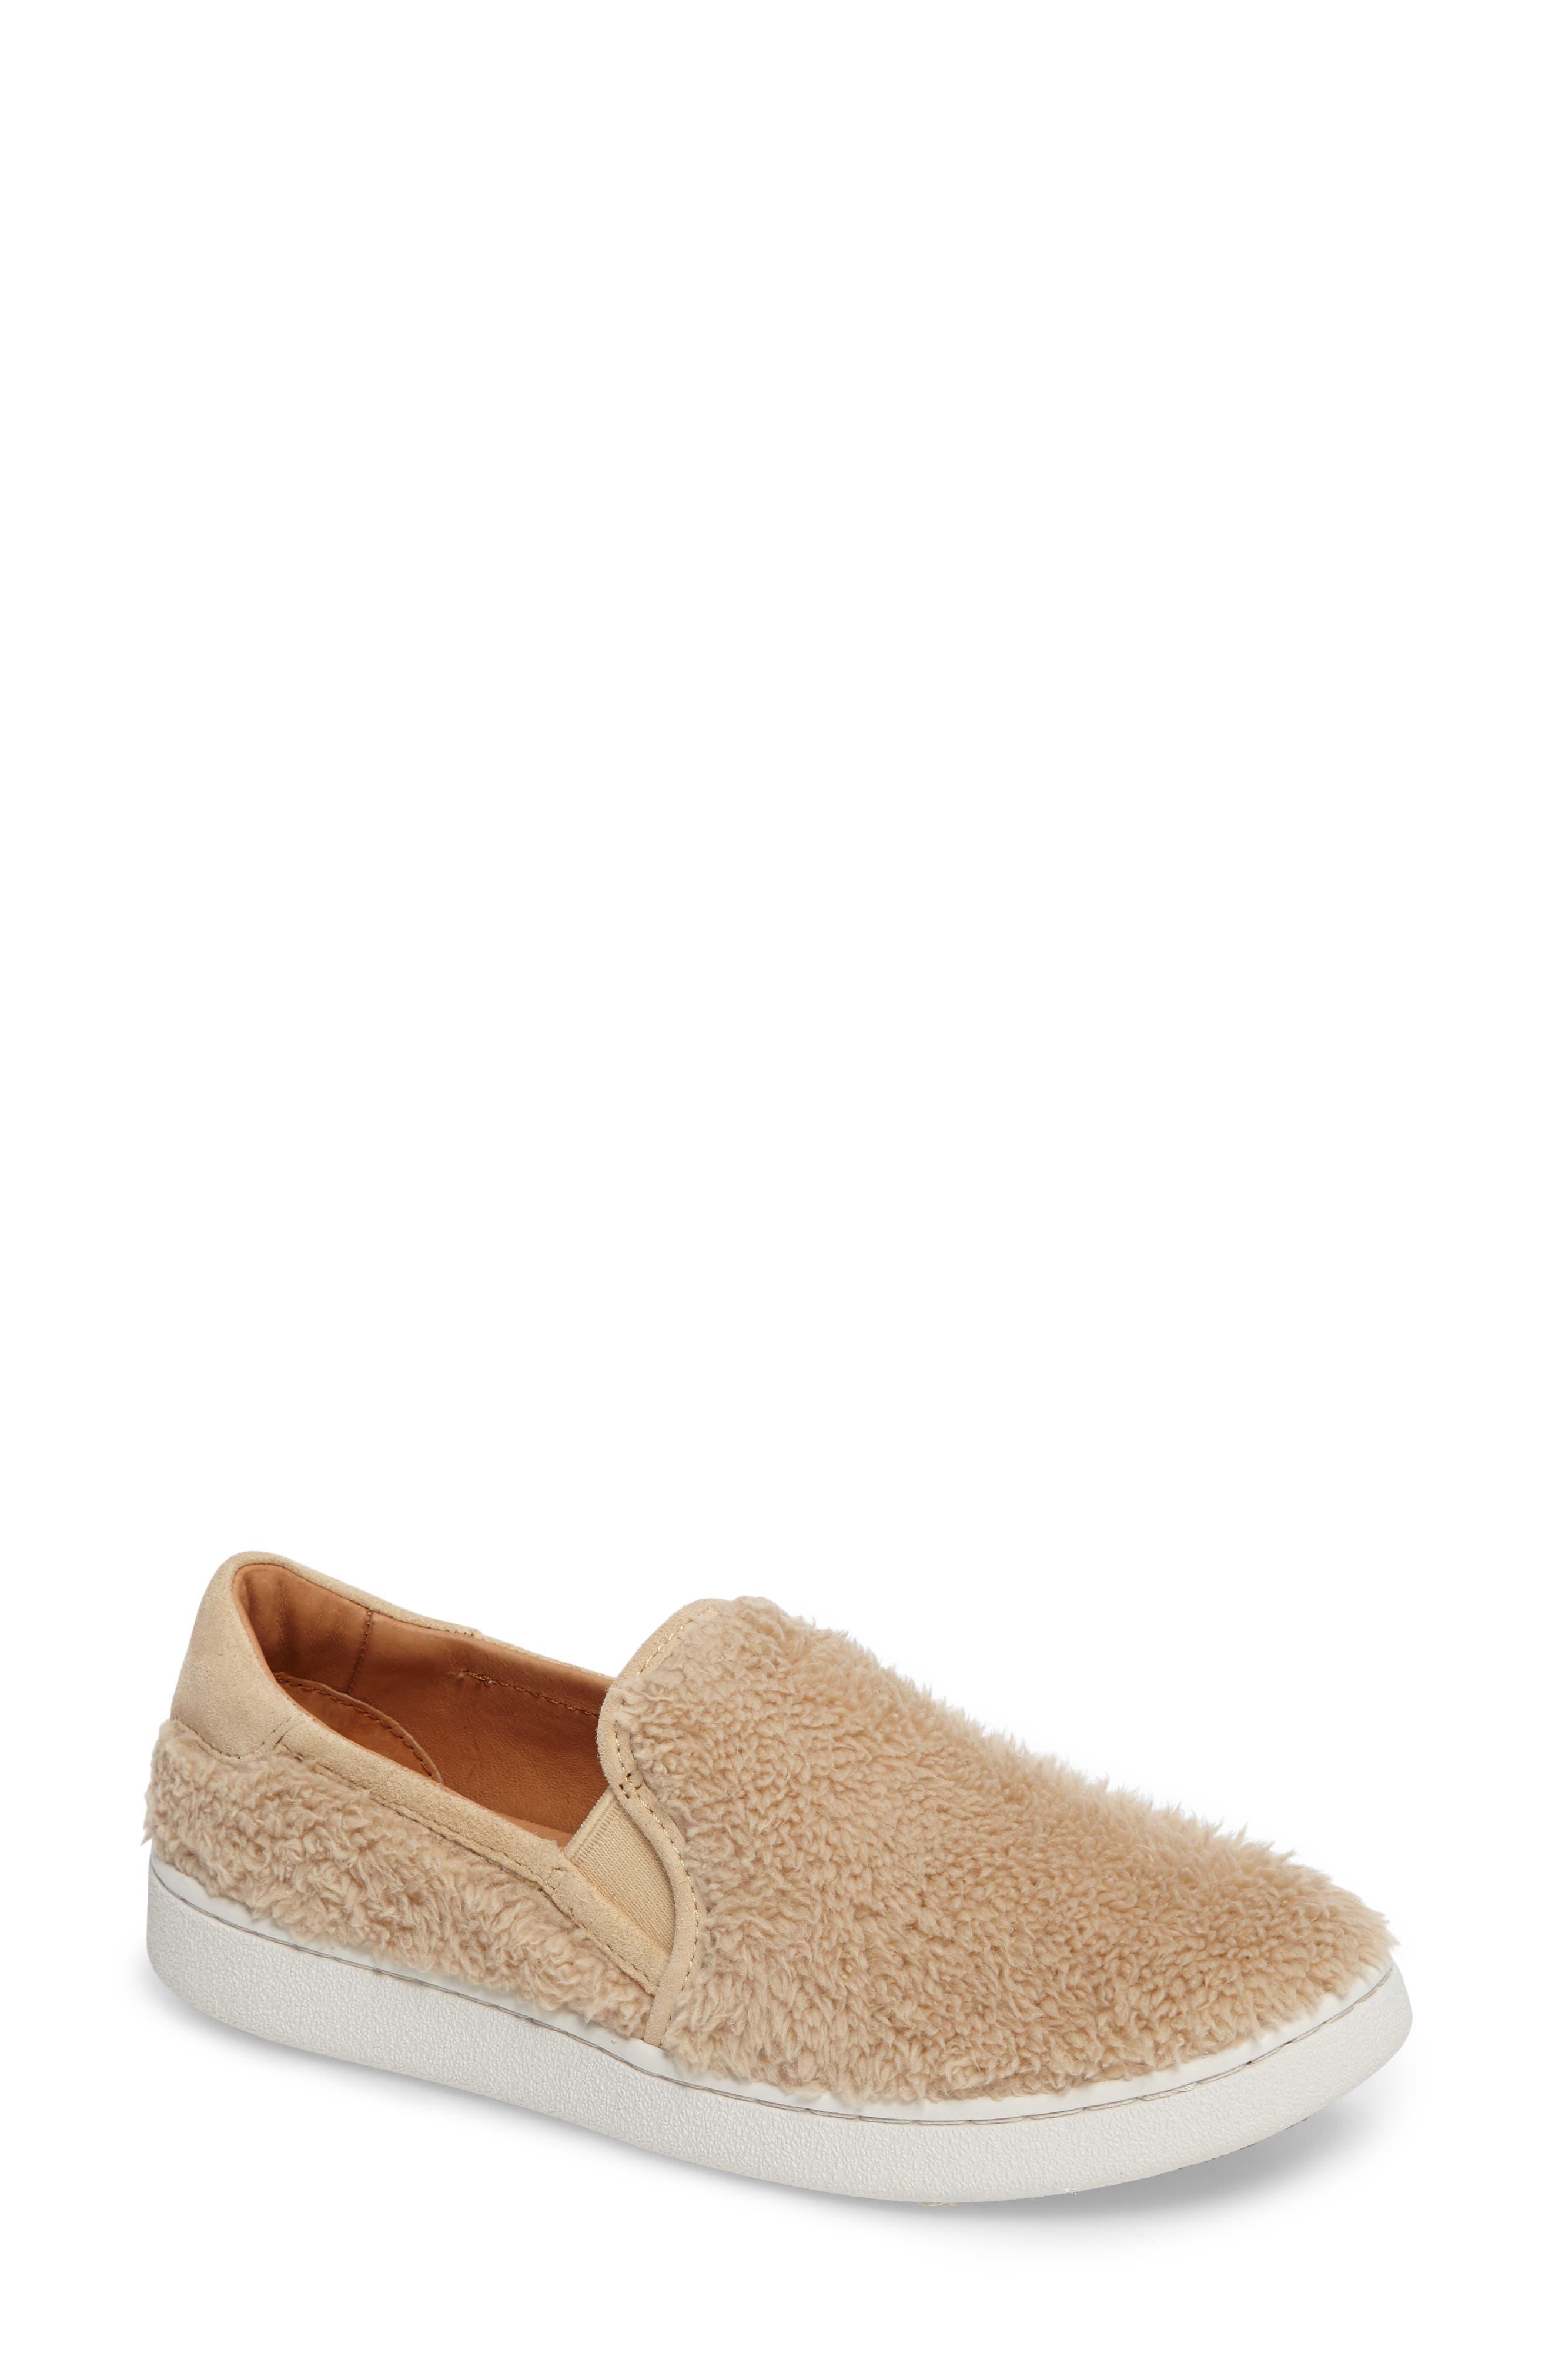 Alternate Image 1 Selected - UGG® Ricci Plush Slip-On Sneaker (Women)